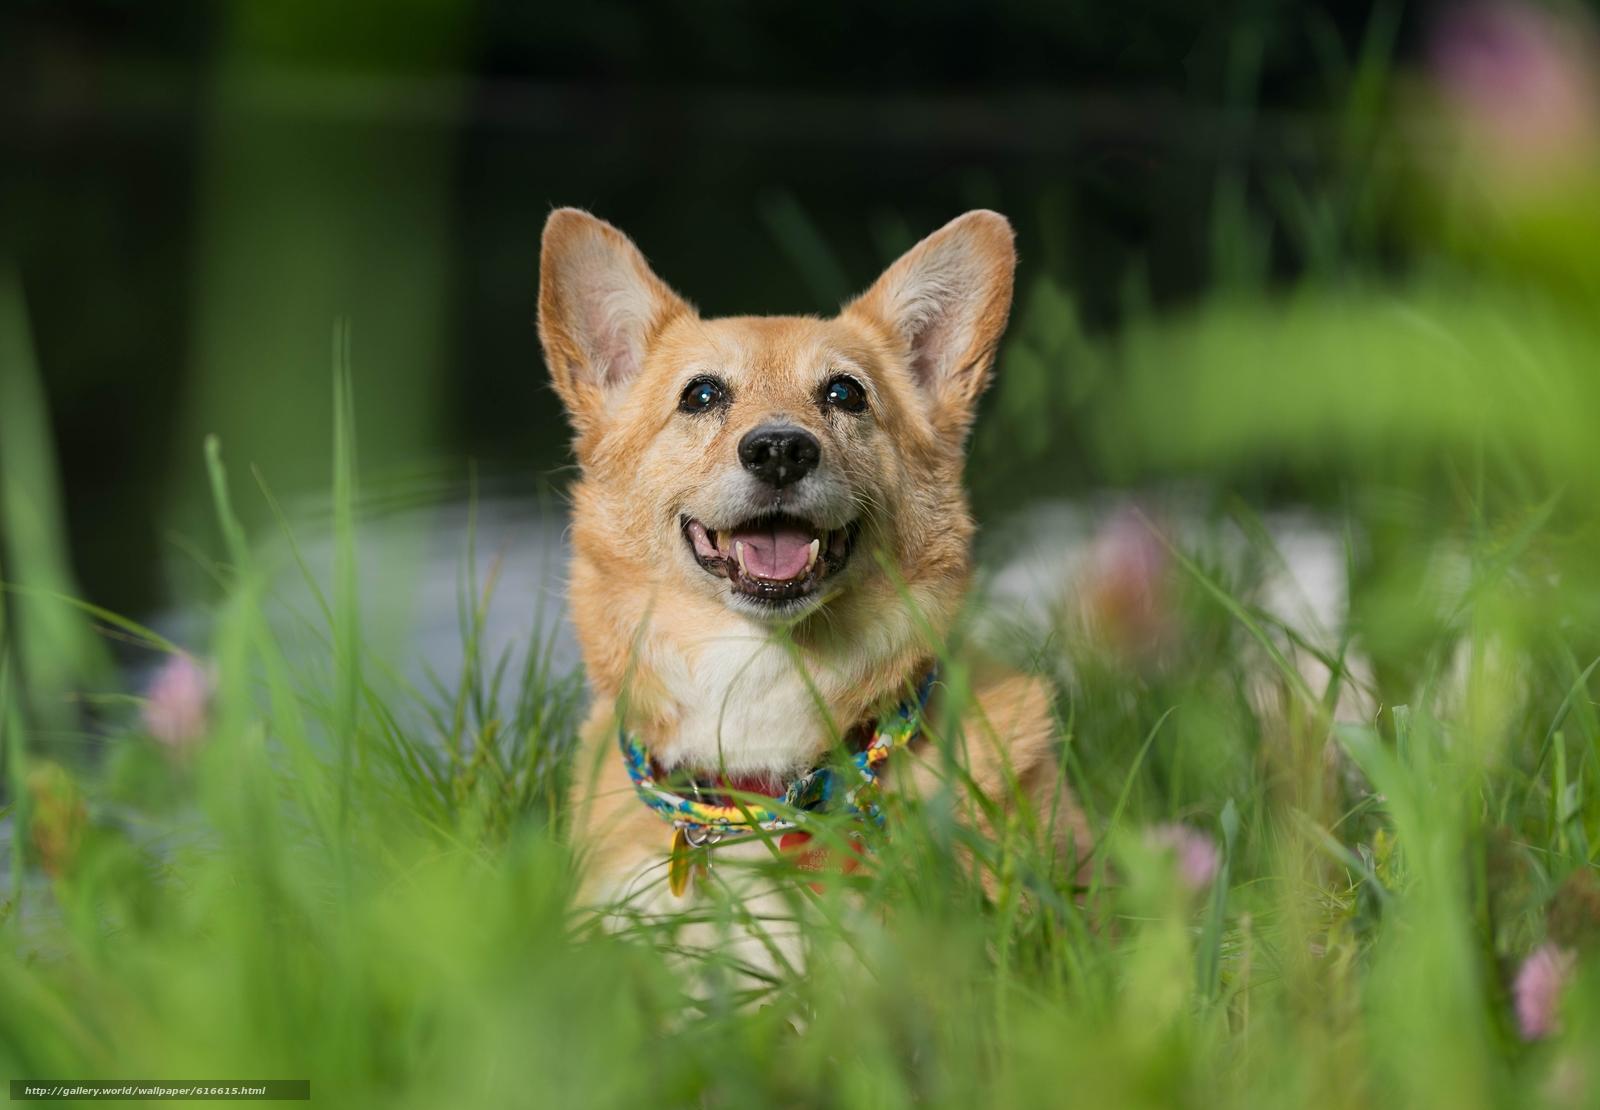 壁紙をダウンロード ウェルシュコーギー 犬 スナウト 気分 デスクトップの解像度のための無料壁紙 5458x3787 絵